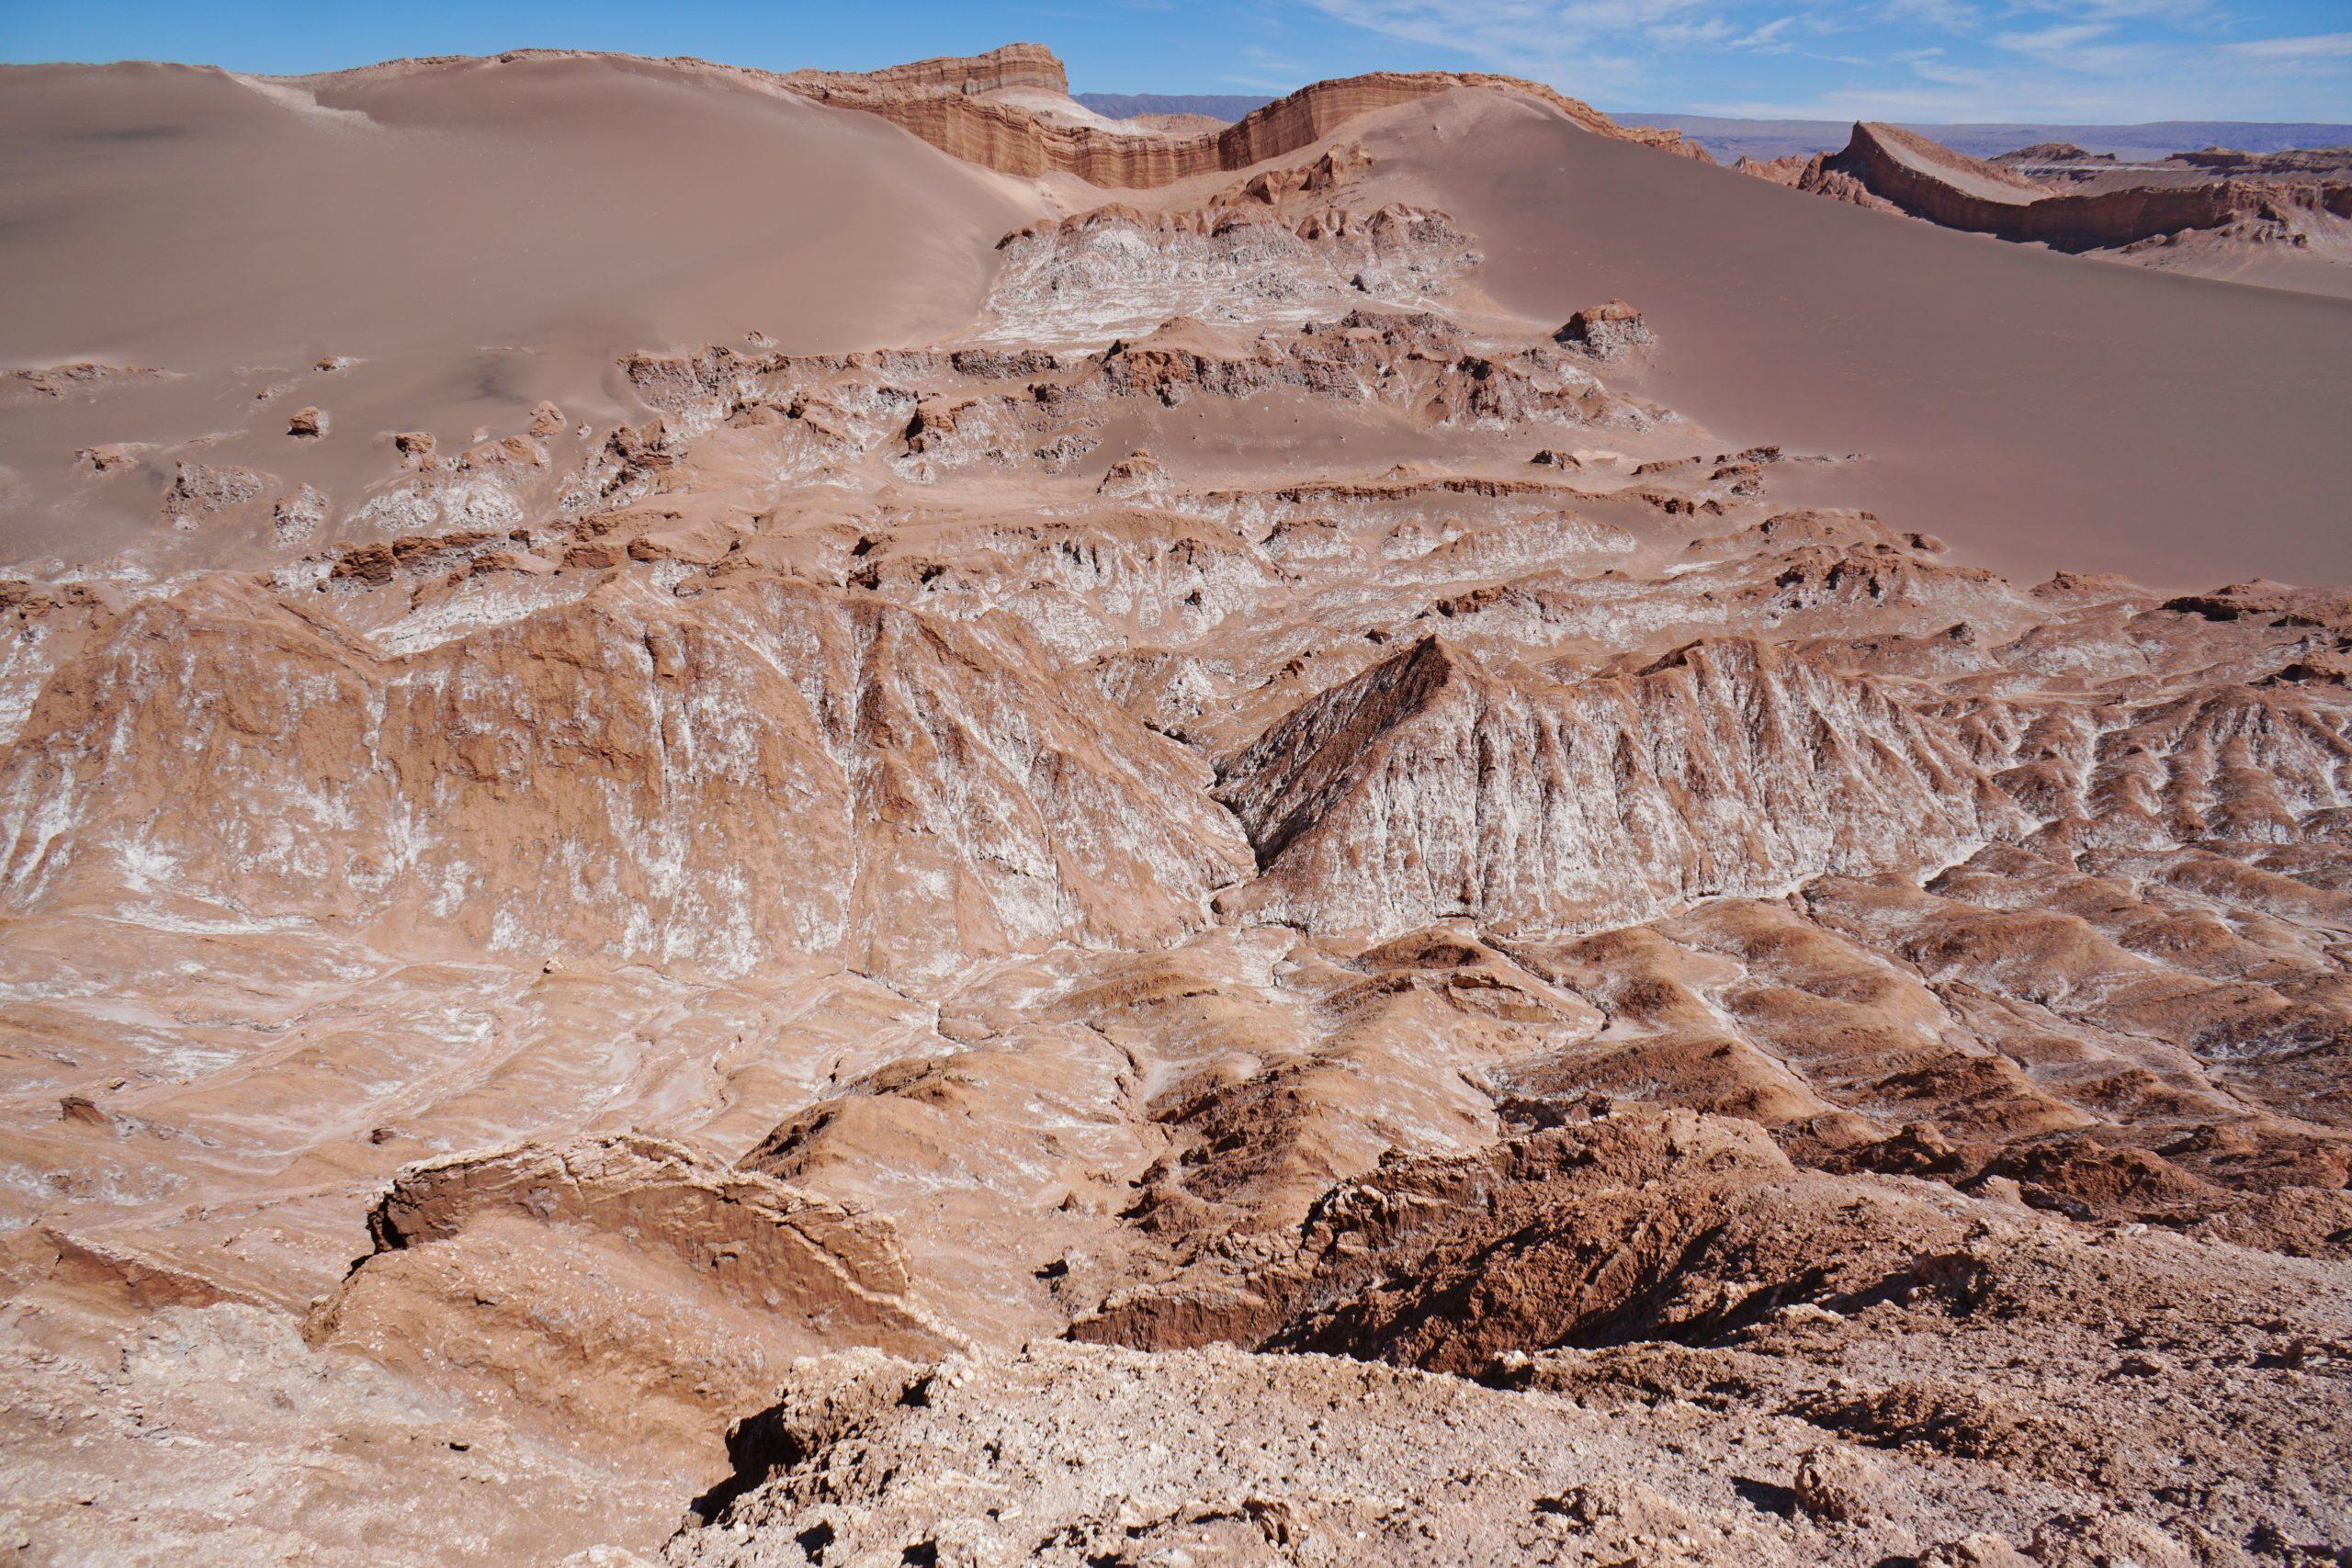 Radreise Südamerika 2019 - Valle de la Luna